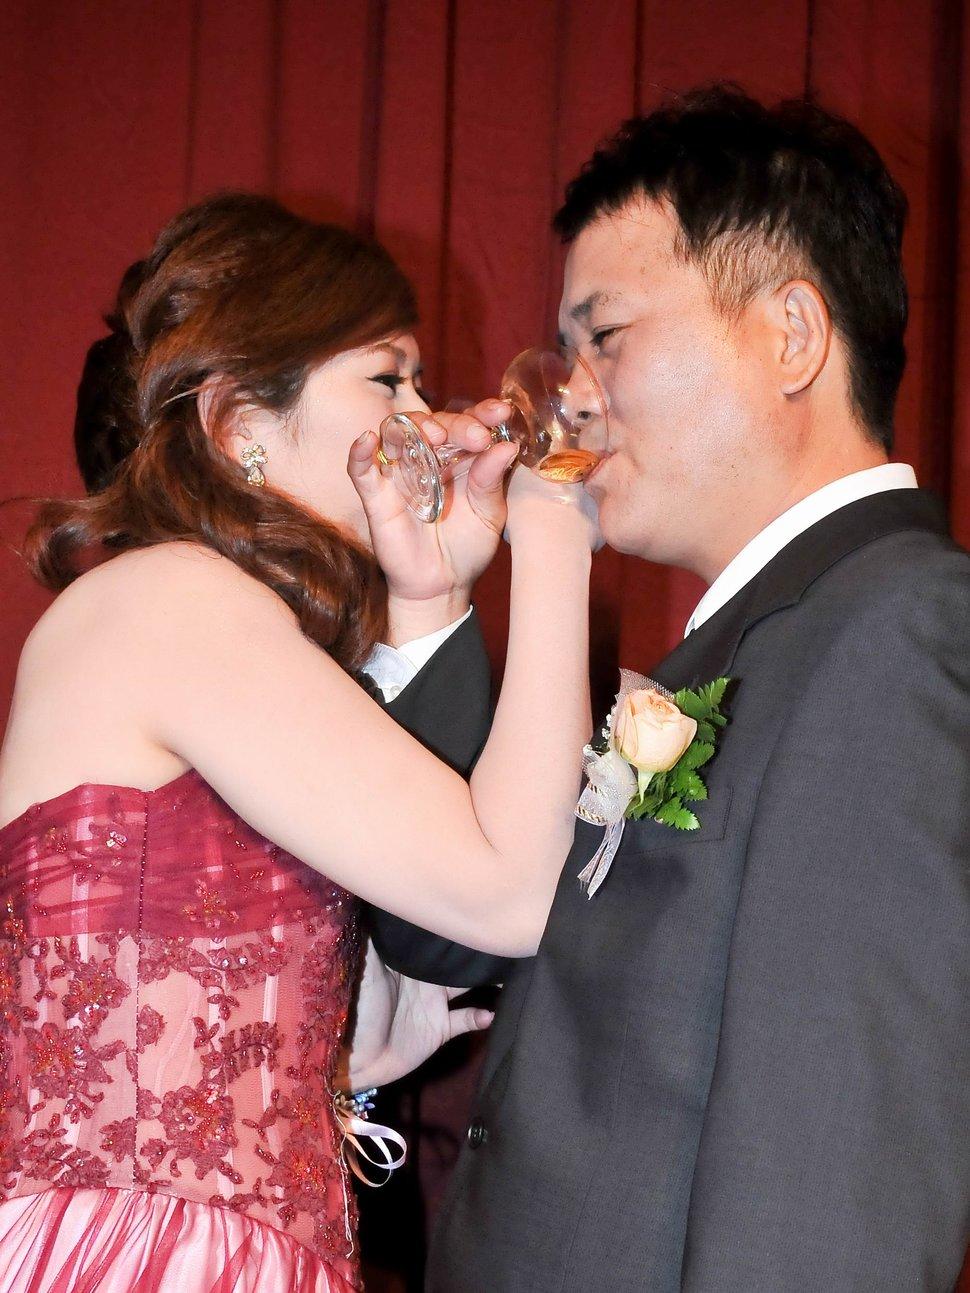 專業婚攝婚禮紀錄婚禮紀錄專業錄影婚禮錄影婚禮記錄動態微電影錄影專業錄影平面攝影婚攝婚禮主持人(編號:280324) - 蜜月拍照10800錄影12800攝影團隊 - 結婚吧